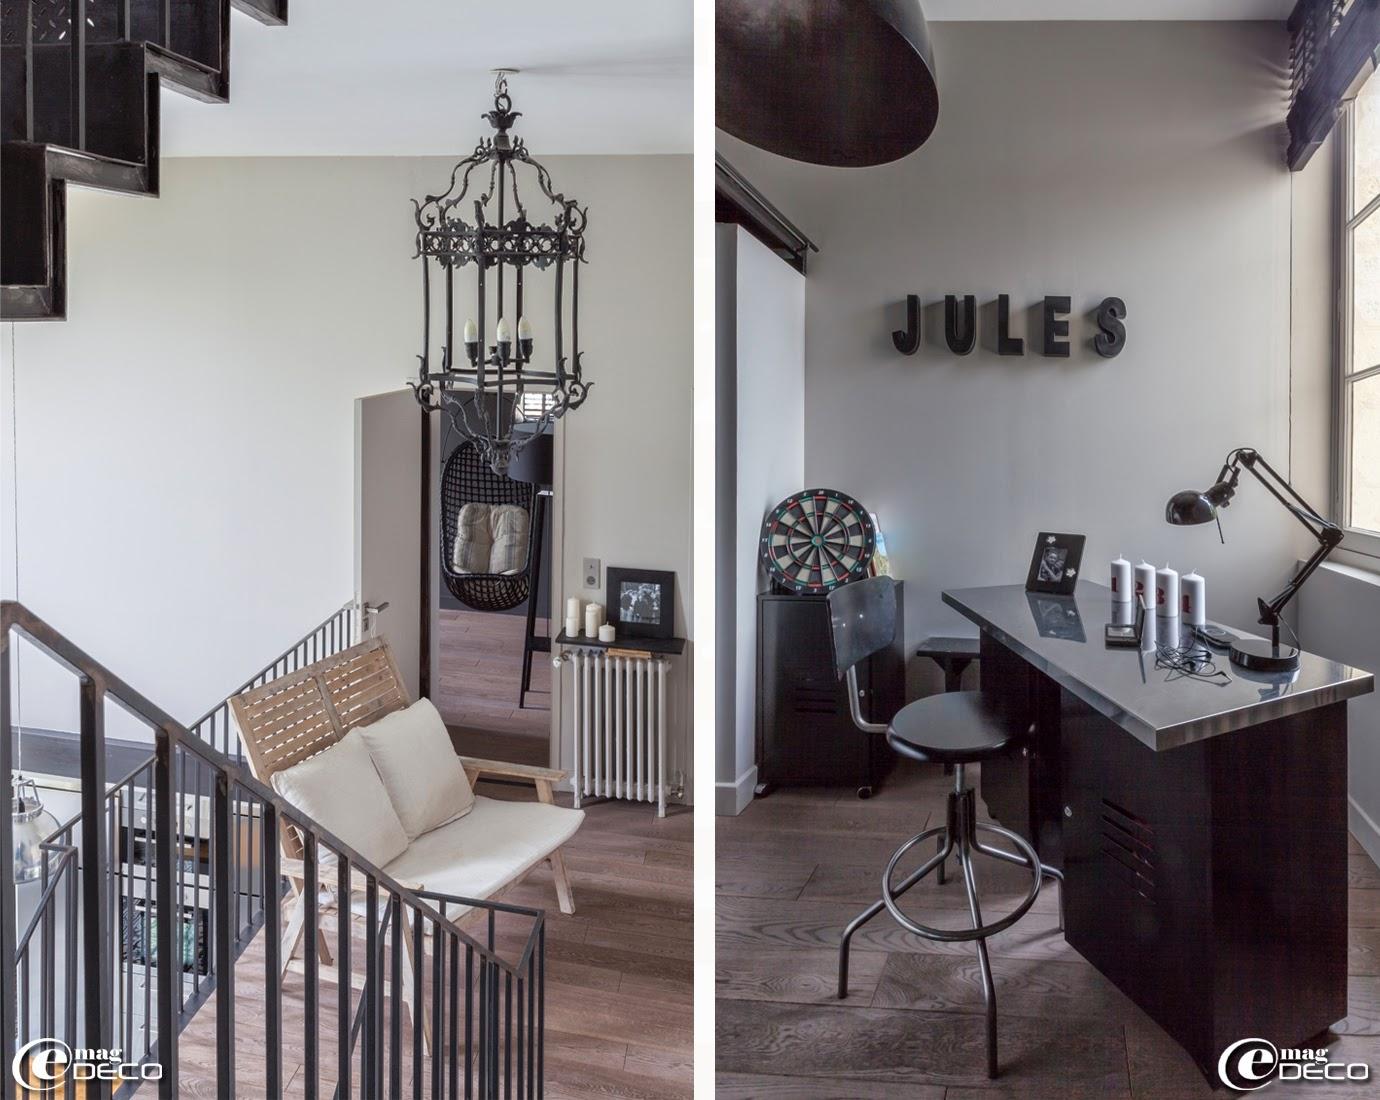 Escalier XXL en acier créé par 'Atelier de Steel', suspension 'Flamant'. Dans une chambre, bureau réalisé à partir de deux caissons métalliques 'Fly' et un plateau 'Ikea', chaise pivotante 'AM.PM.'